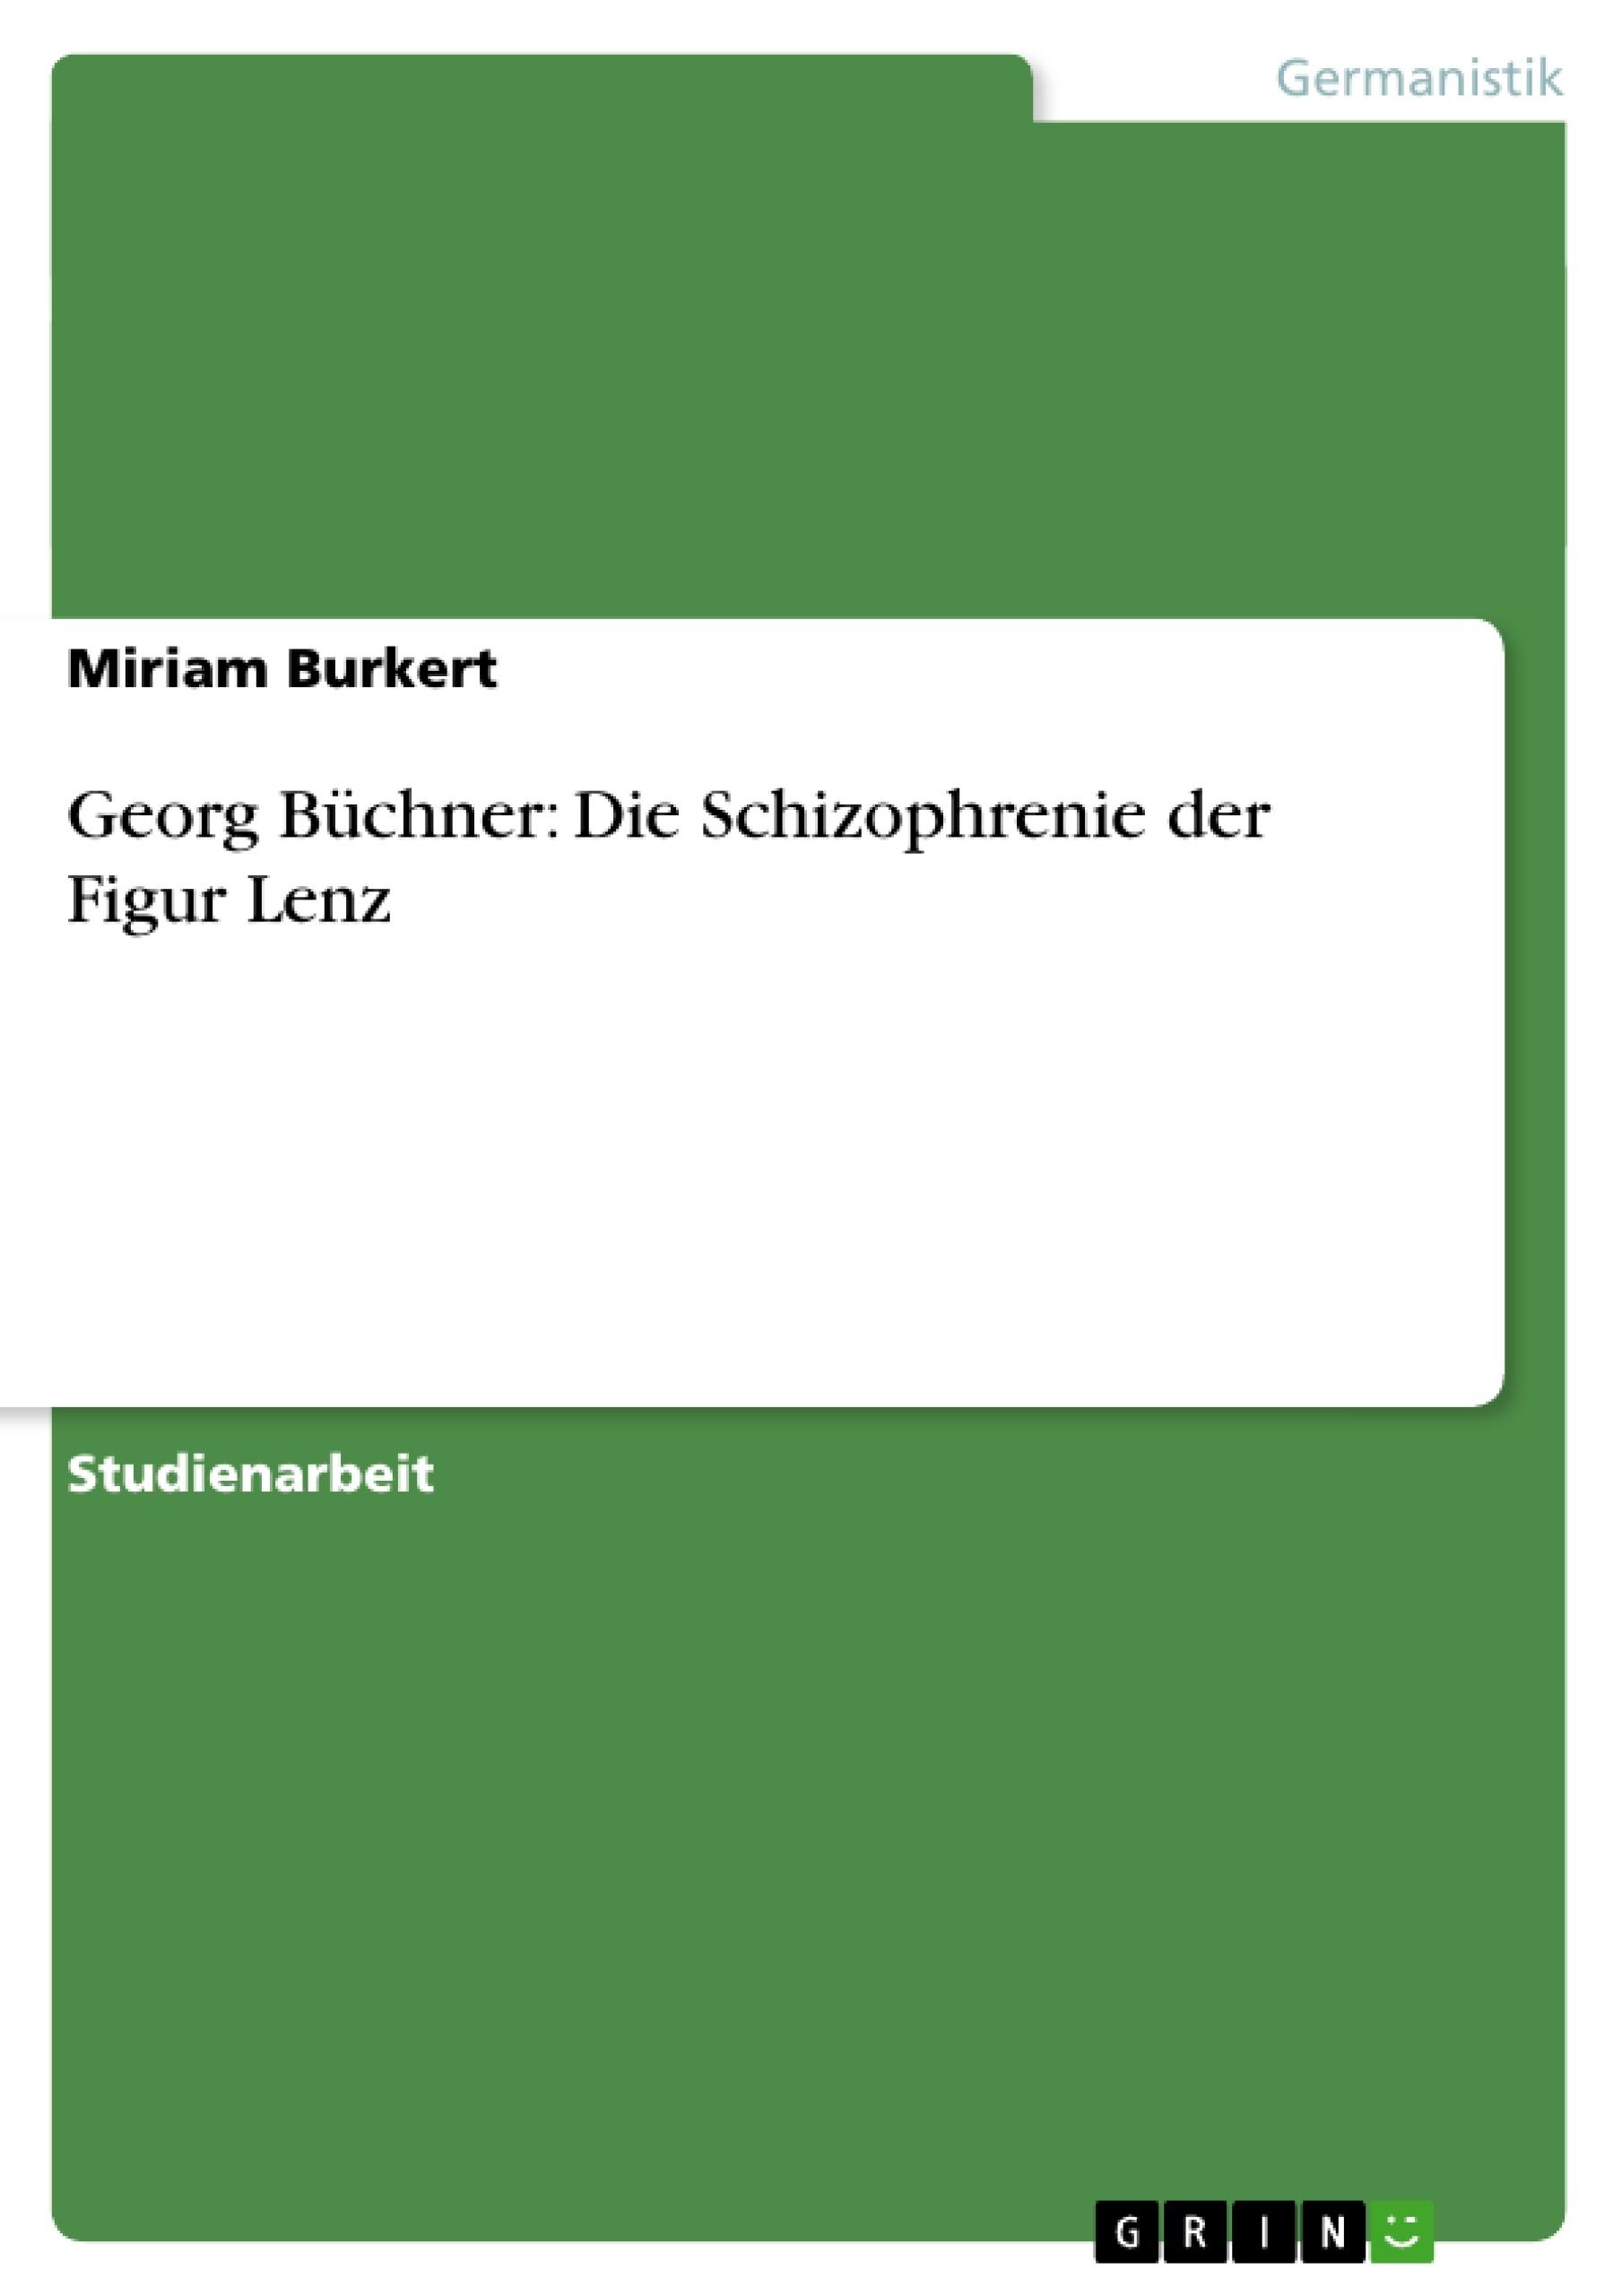 Titel: Georg Büchner: Die Schizophrenie der Figur Lenz